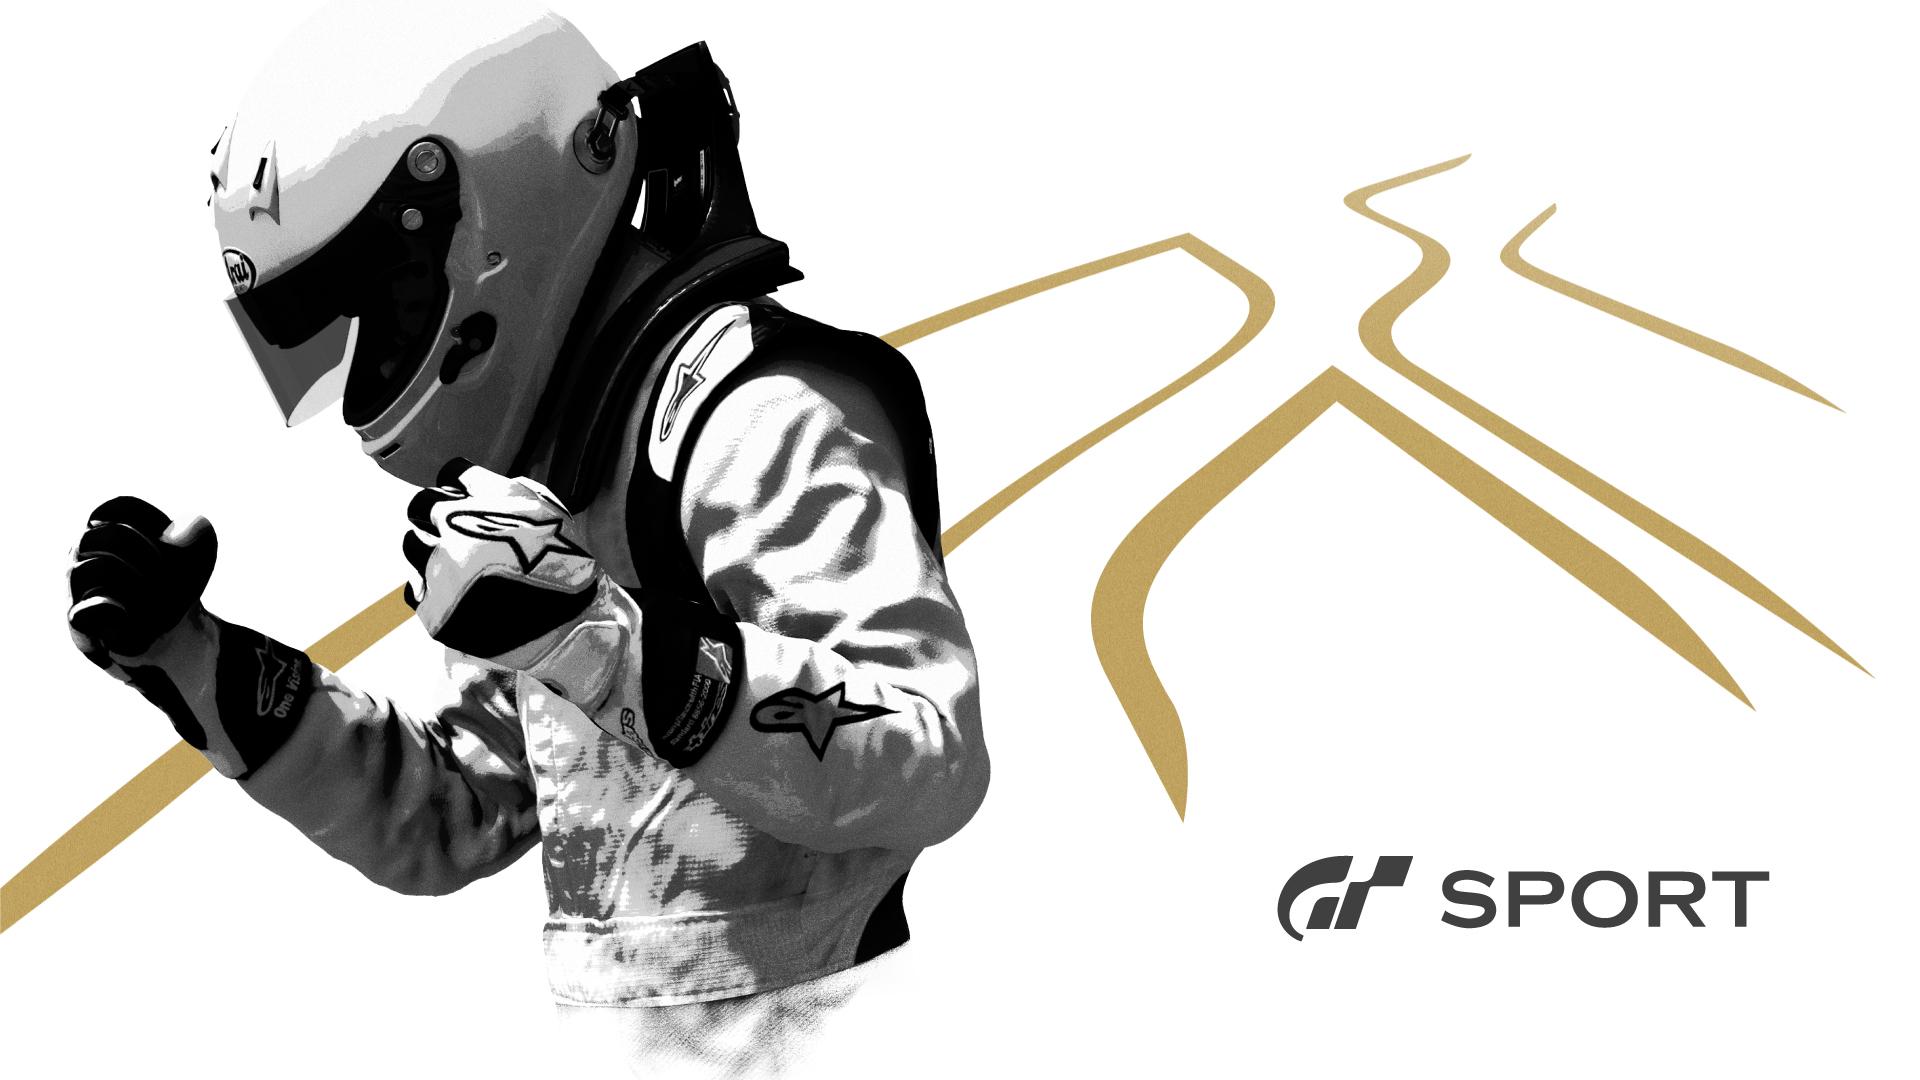 GT-Sports.jpg